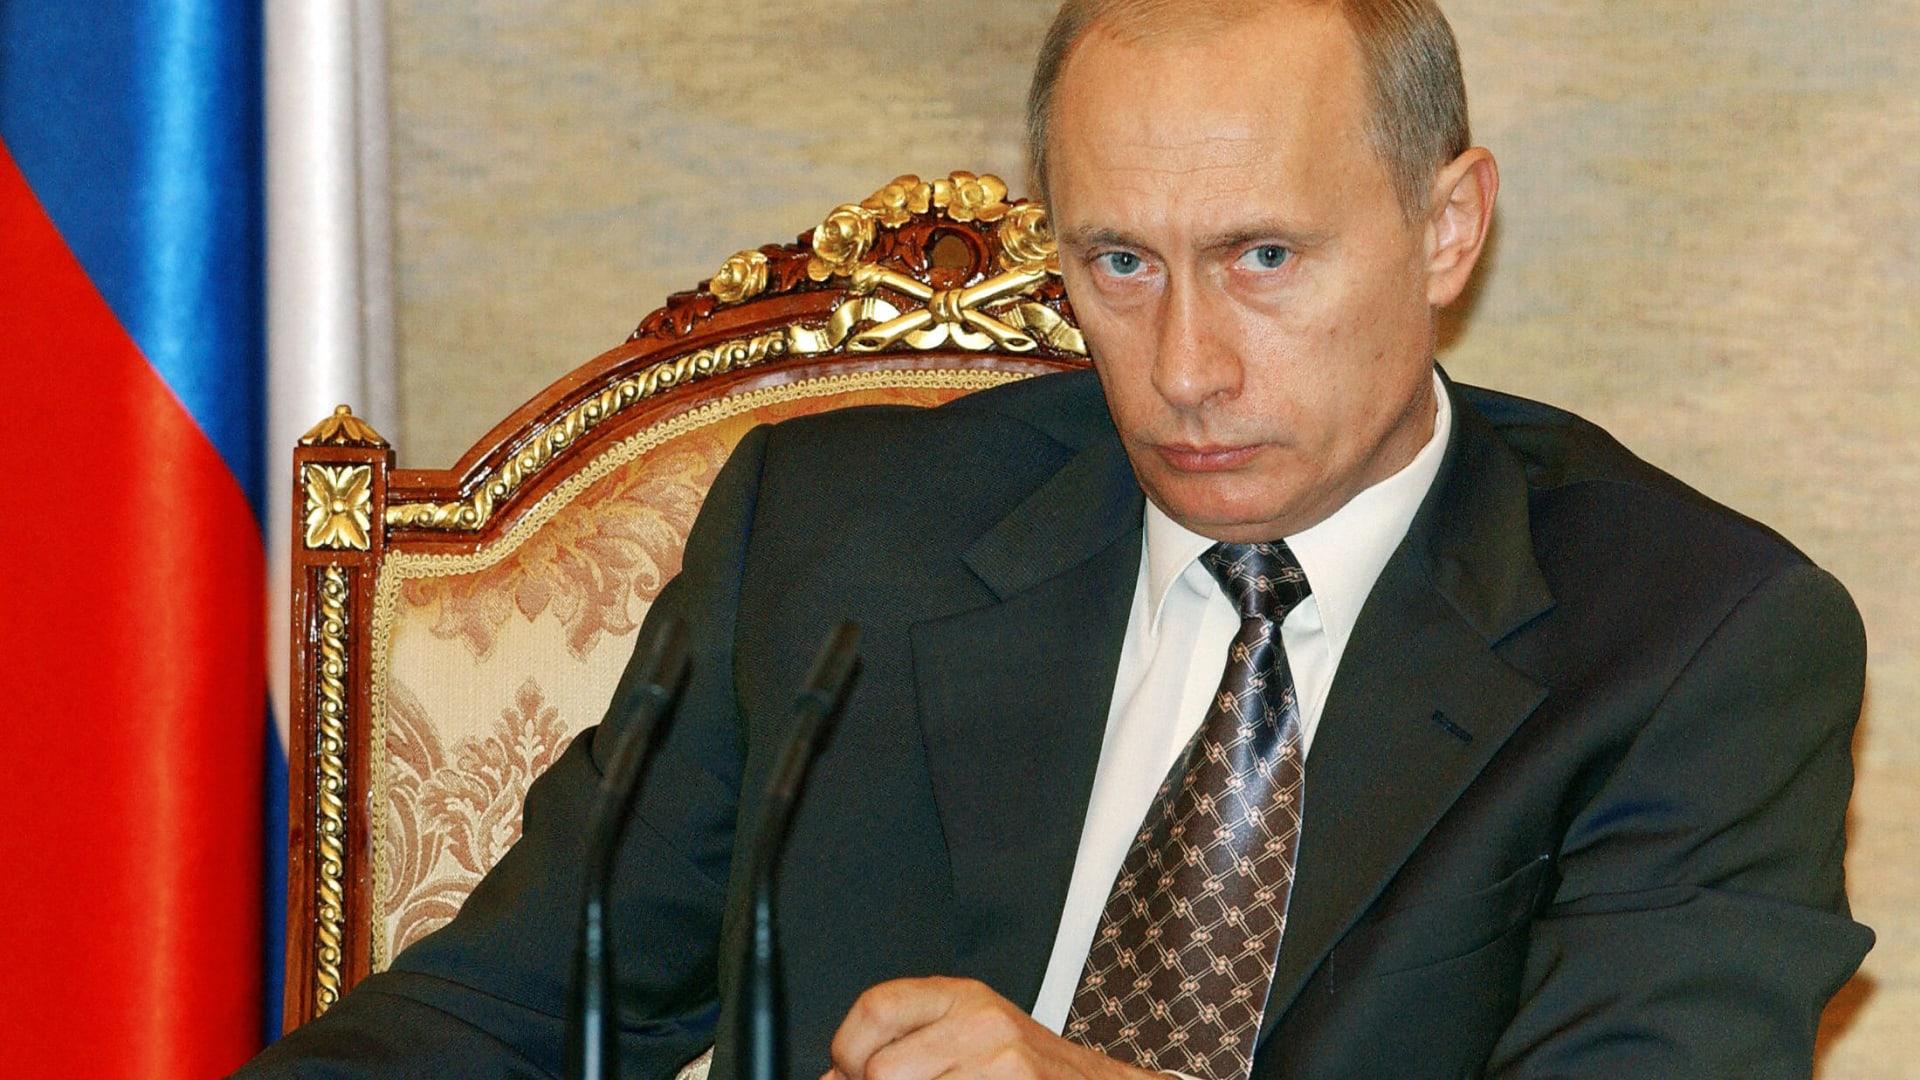 وزير الأمن البريطاني: بوتين مسؤول بنهاية المطاف عن هجوم نوفيتشوك